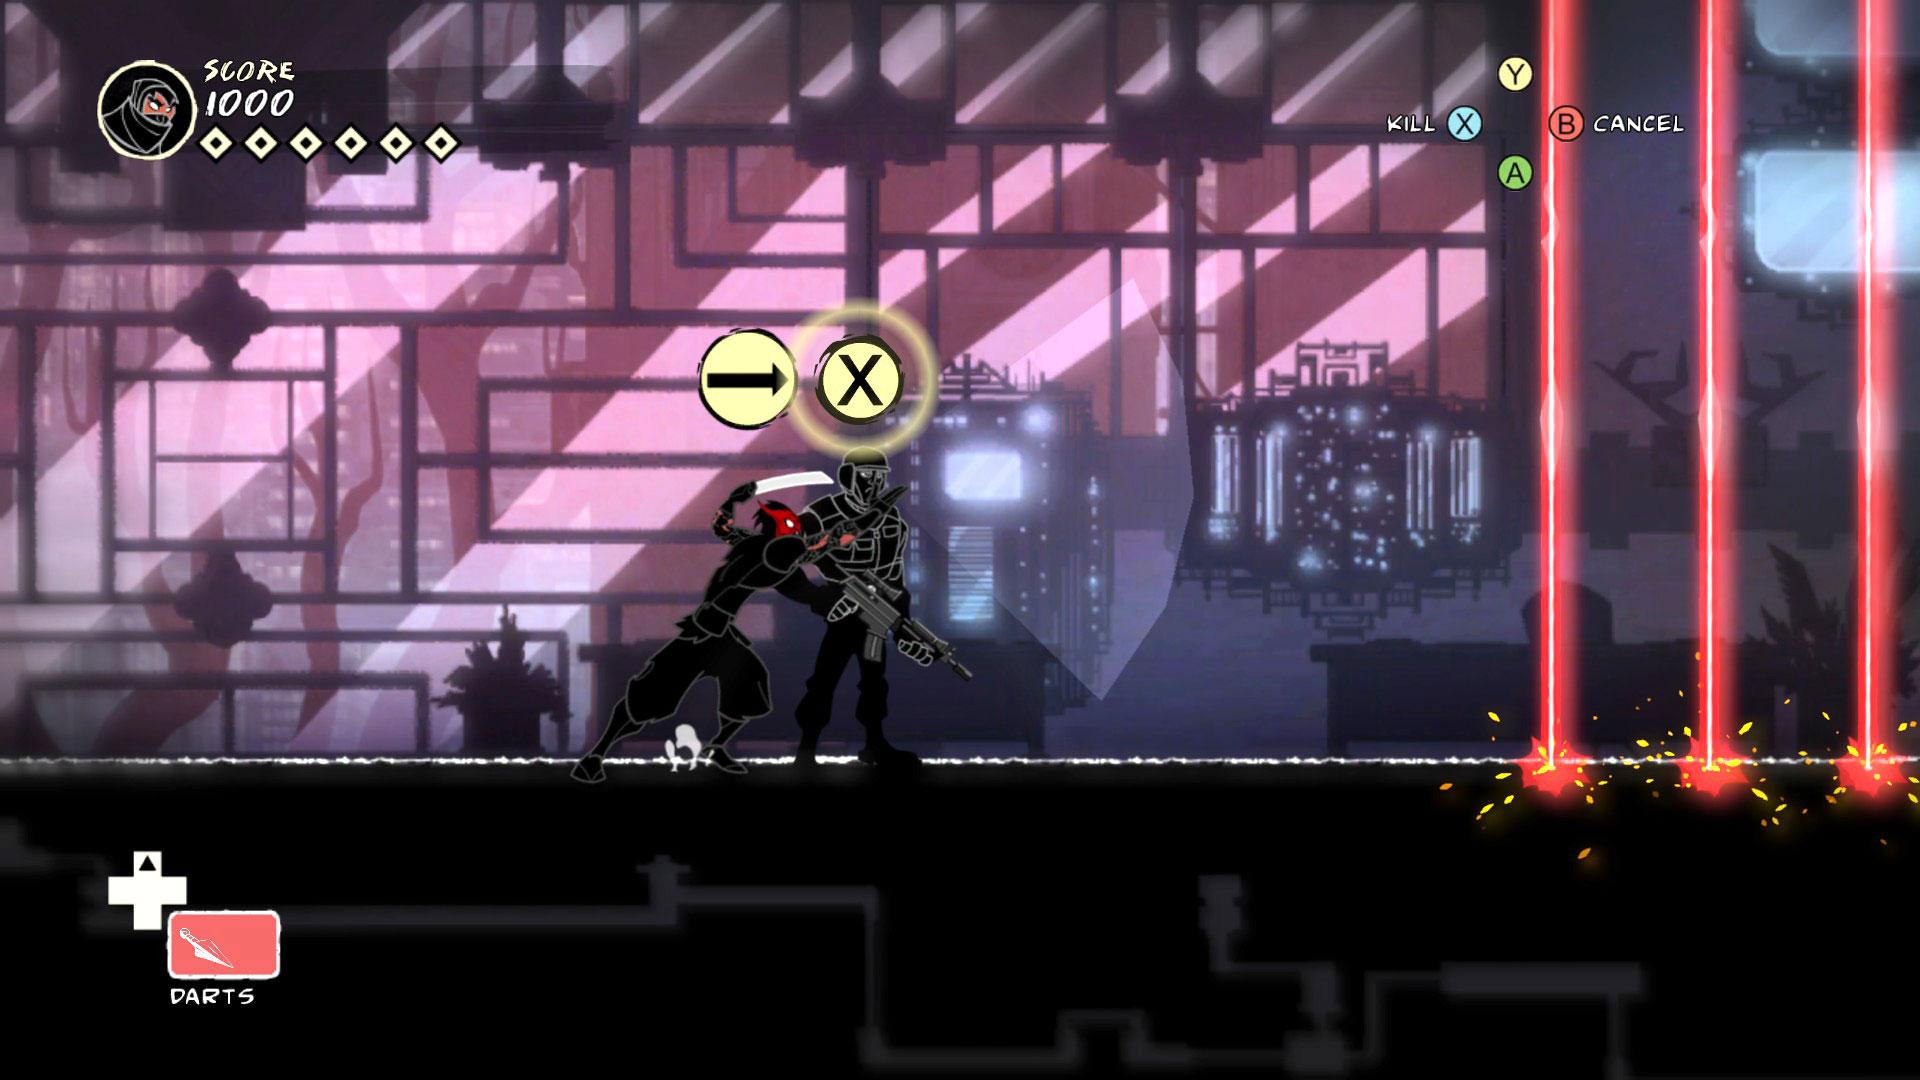 """Mit dem horizontal scrollenden Stealth-Abenteuer """"Mark of the Ninja"""" kommt auch ein echter Indie-Klassiker auf die Nintendo-Konsole."""